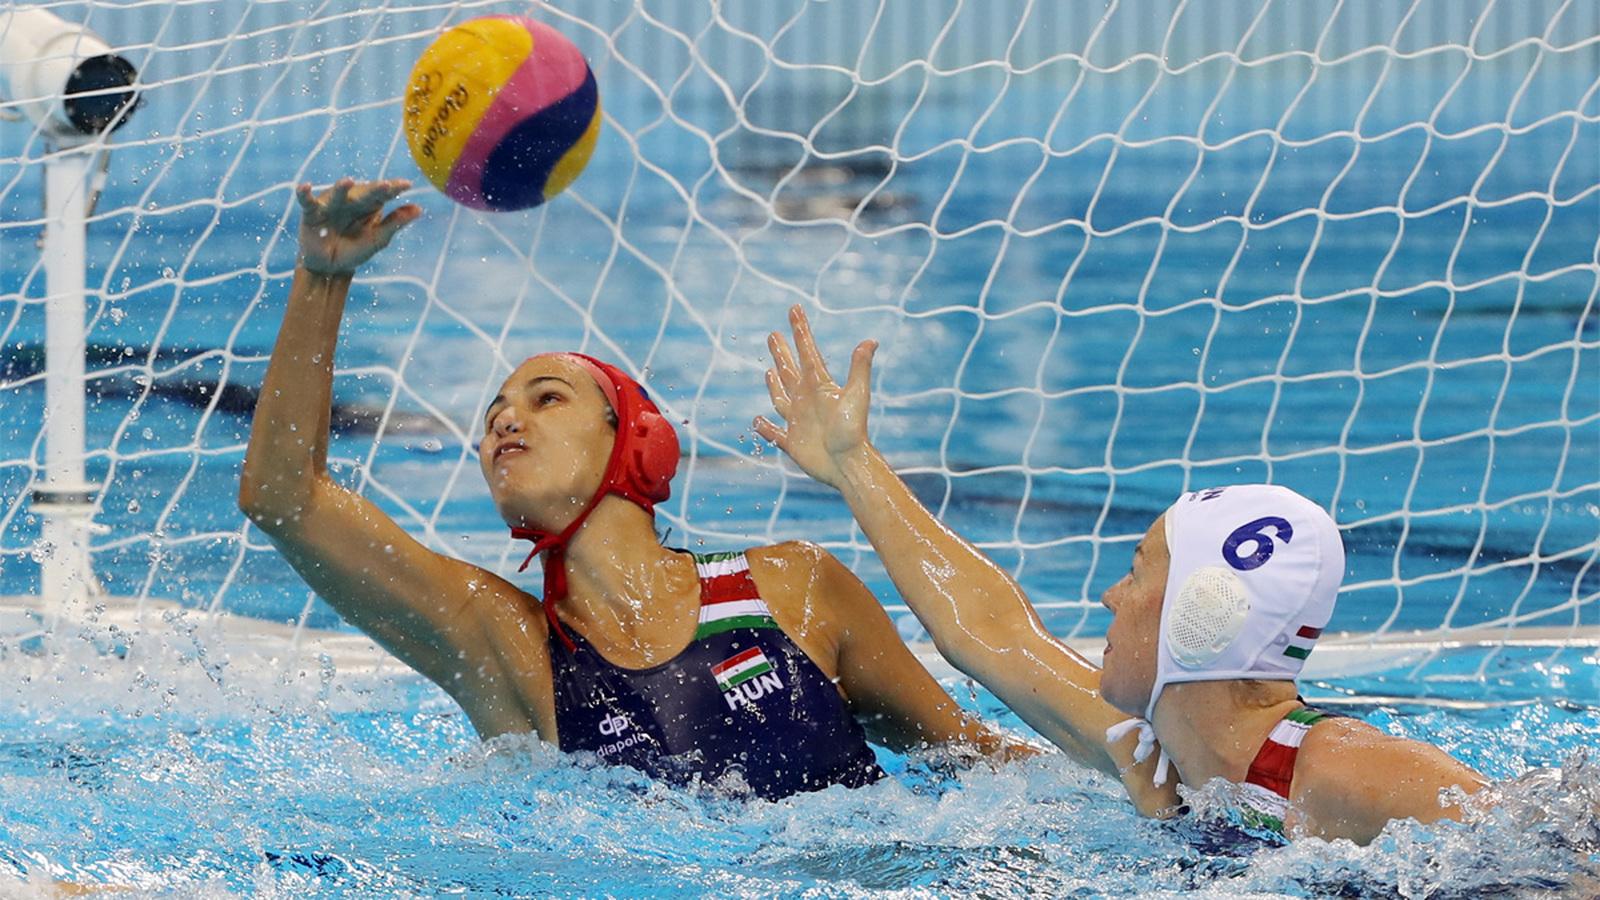 Российская ватерполистка Евгения Соловьева (справа) атакует ворота сборной Венгрии в матче за 3-е место